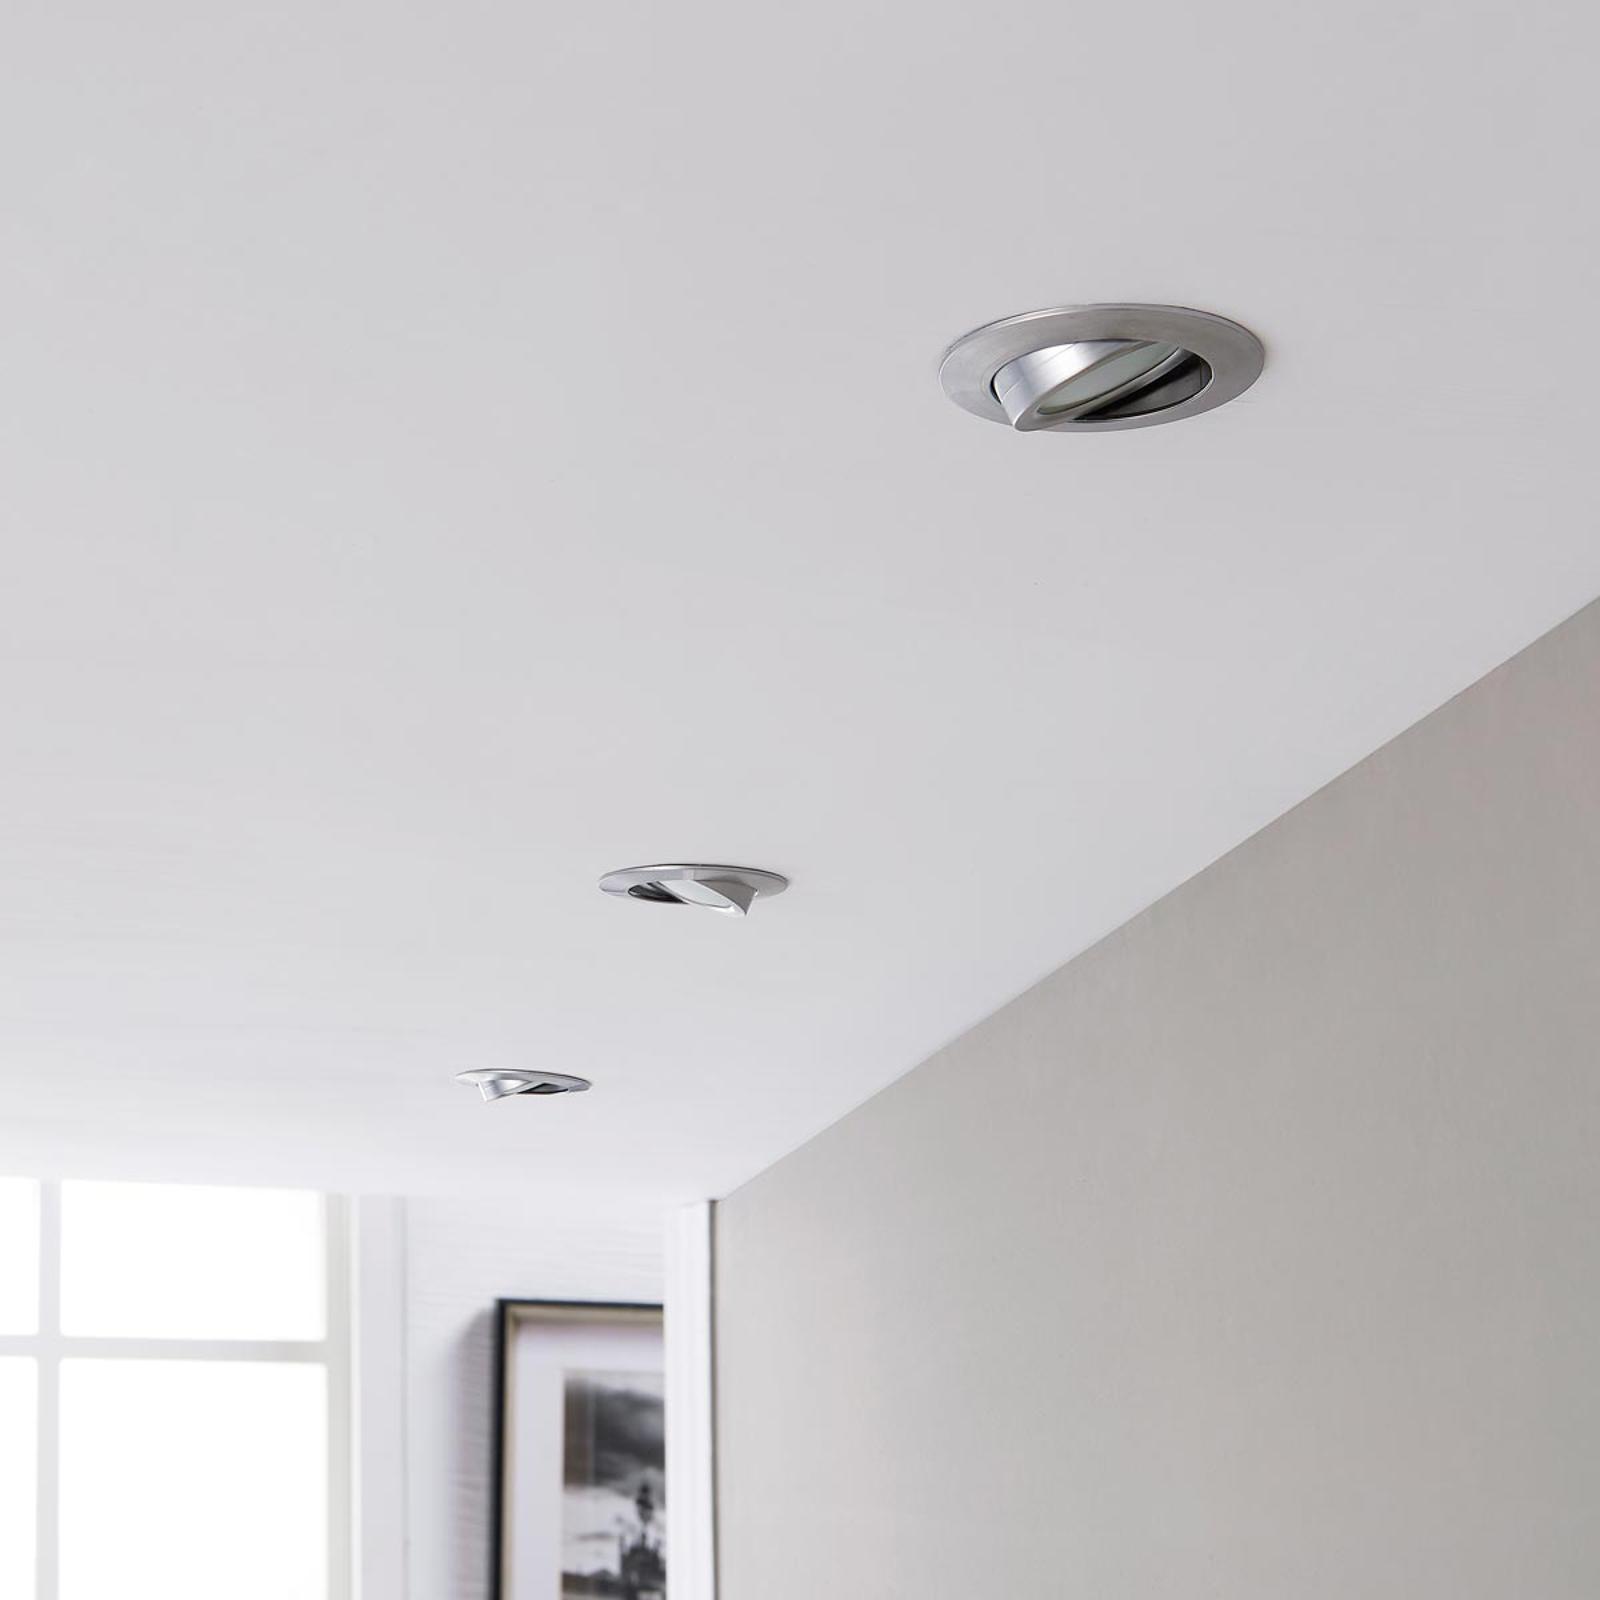 LED inbouwspot Andrej, rond, aluminium, set van 3